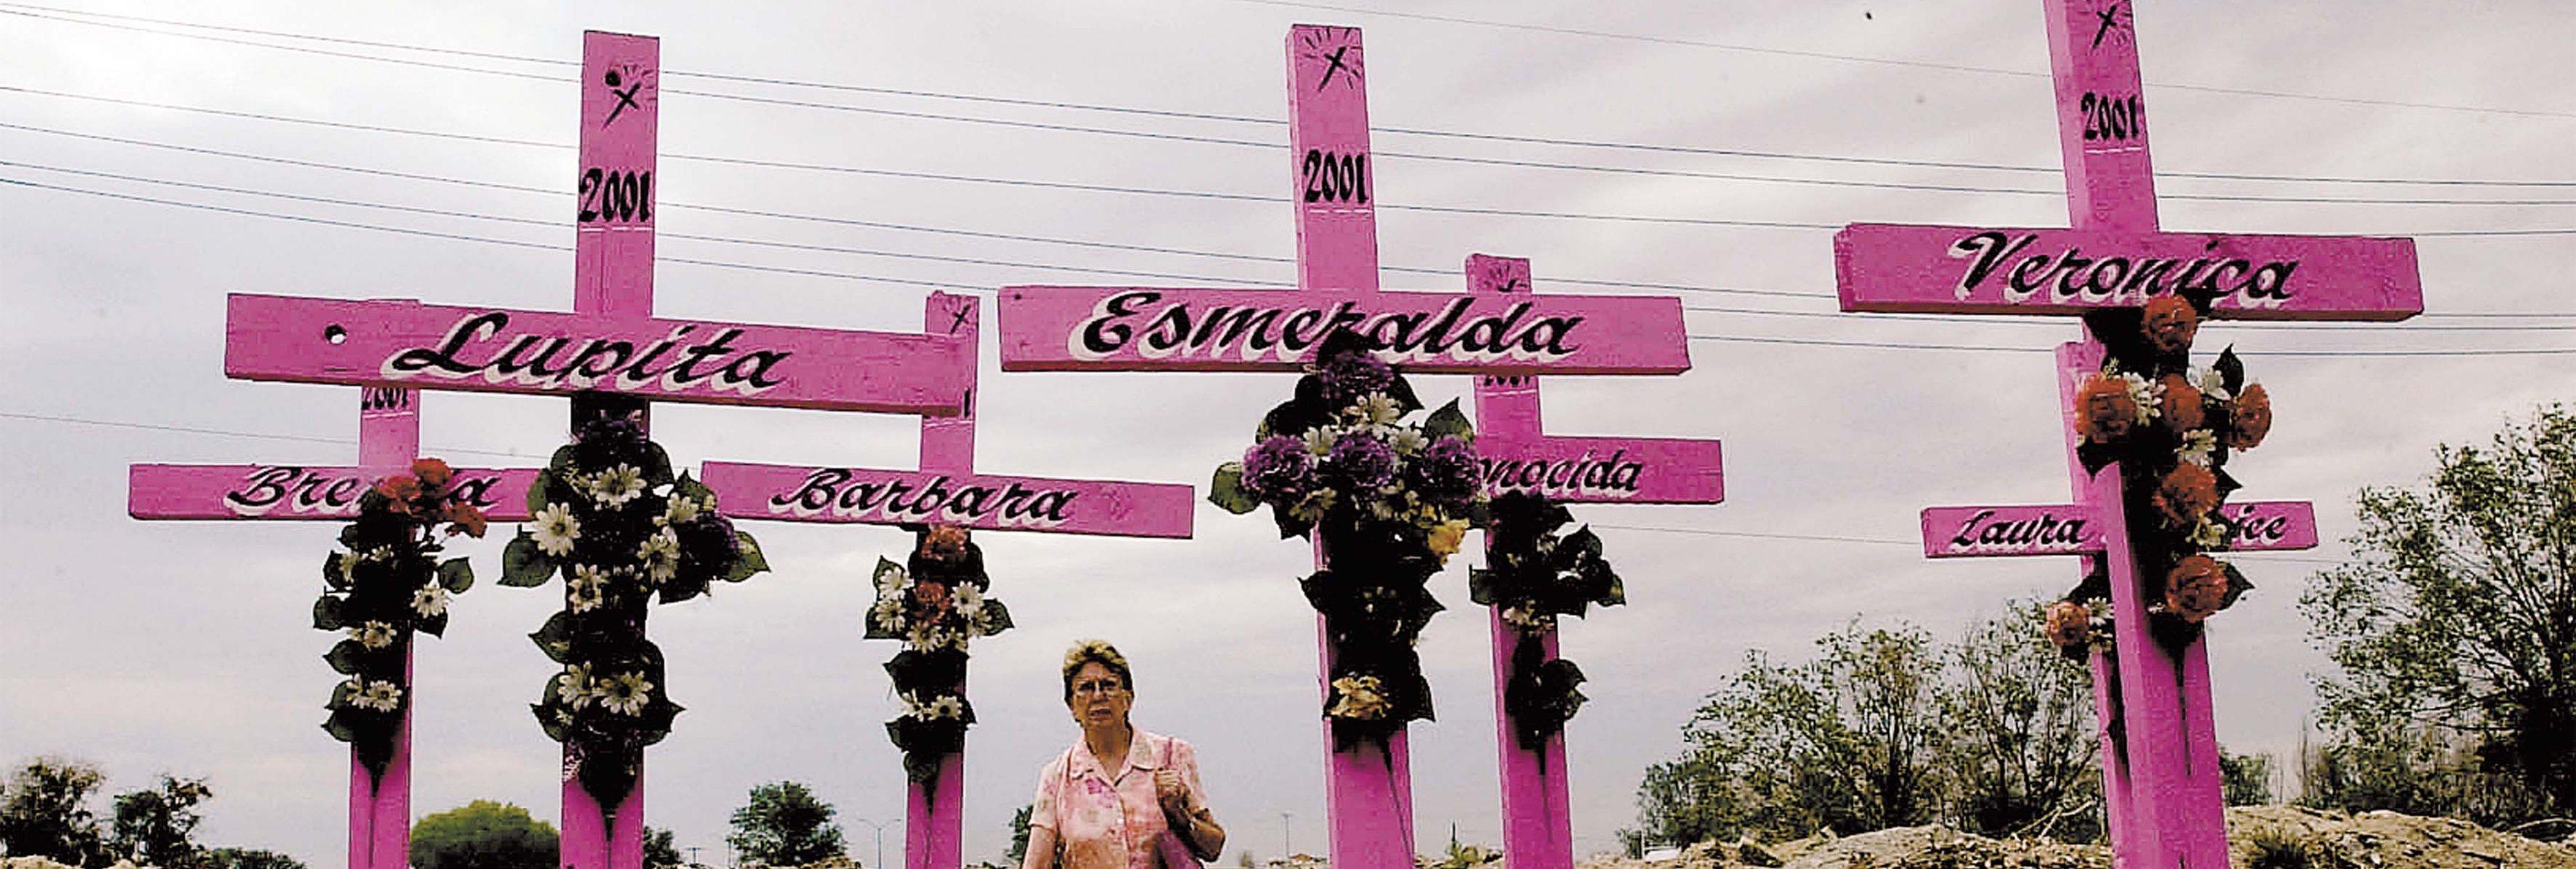 """Un obispo mexicano asegura que las mujeres son asesinadas por no ir a misa: """"Tienen parte de culpa"""""""